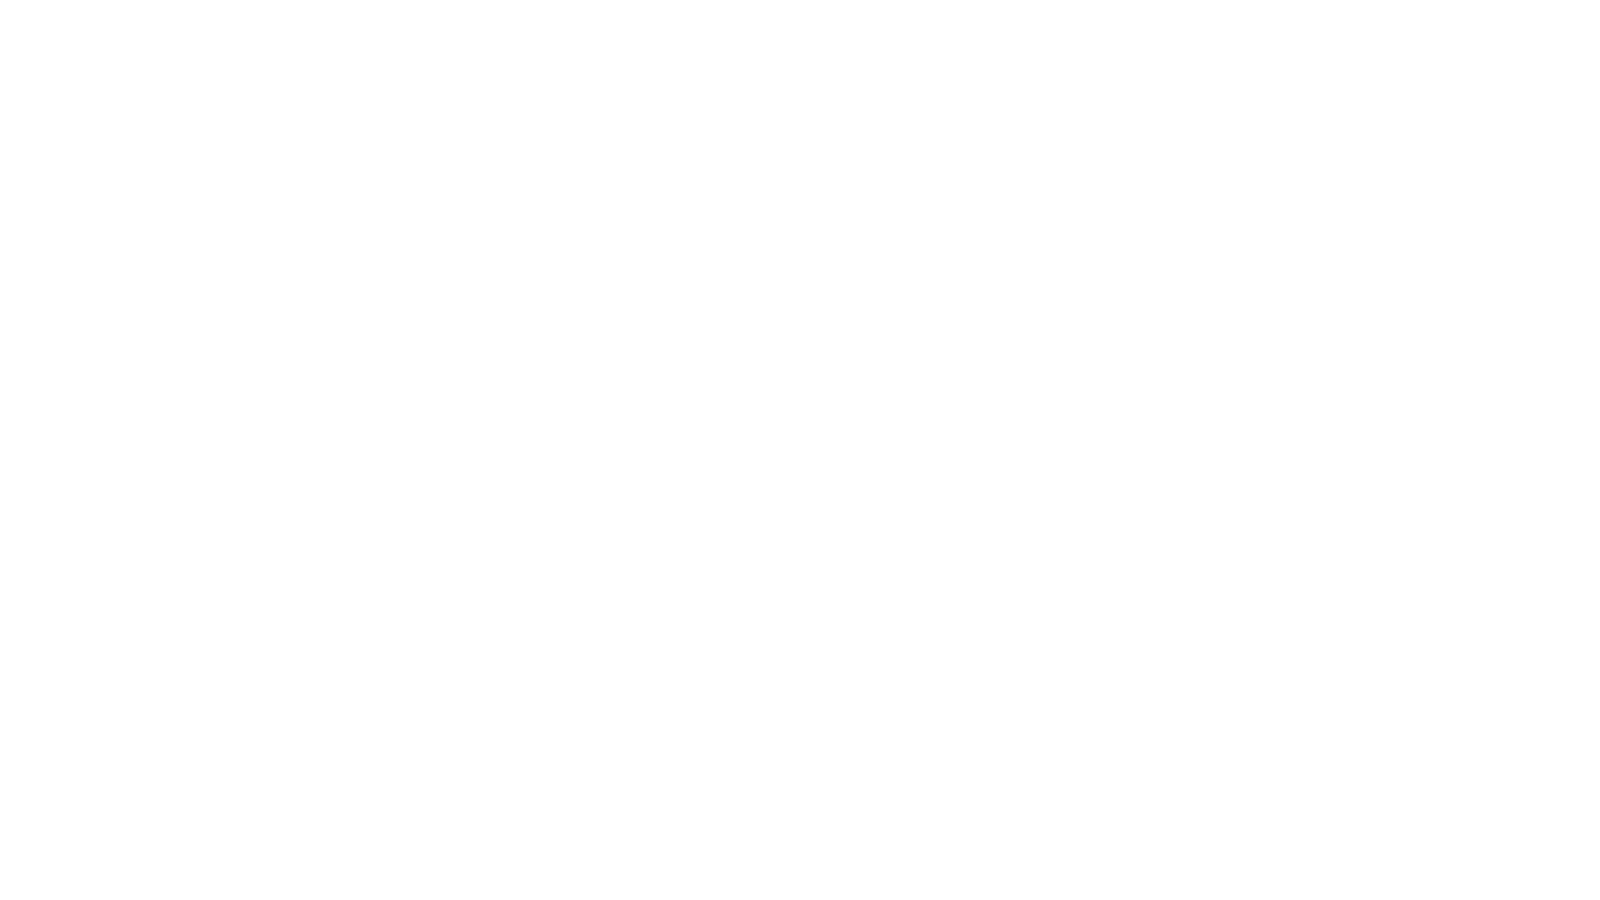 Que susto vocês tomaram essa semana hein!! 😓  Infelizmente, um portal de notícias aqui da Irlanda soltou uma matéria dizendo que estudantes brasileiros precisariam passar a comprovar €7k ao invés de €3k. 😱  Isso deu o que falar e geral ficou desesperado por conta do clickbait cagado.  Mas fiquem tranquilos, nada mudou em relação a comprovação de renda para os estudantes brasileiros que estão se preparando para vir ao país estudar por 6 meses.  Ta tudo mastigadinho ai pra vocês!  Referências:  http://www.inis.gov.ie/en/INIS/Student%20Finances.pdf/Files/Student%20Finances.pdf http://www.inis.gov.ie/en/inis/pages/registration-stamps#stamp2 http://www.inis.gov.ie/en/INIS/Pages/registration-study-language  Conta ai pra mim...você tbm quase morreu do coração com essa notícia?  Blog | https://daniloteajuda.com  Peça o seu orçamento gratuitamente:   PodCast Intercâmbio Sem Pauta: http://bit.ly/ISPauta Intercâmbio: danilo@daniloteajuda.com Passagens de Estudante: http://bit.ly/passagemdta Seguro Viagem Privado com Desconto: http://bit.ly/segurowpdta Seguro Viagem Saindo de Qualquer Lugar do Mundo: http://bit.ly/worldnomade  DANILO TE AJUDA! Seu guia de Intercâmbio, viagens e muito mais! Instagram: http://bit.ly/InstaDTA  #IntercambioNaIrlanda #Irlanda7milEuros #EstudarnaIrlanda